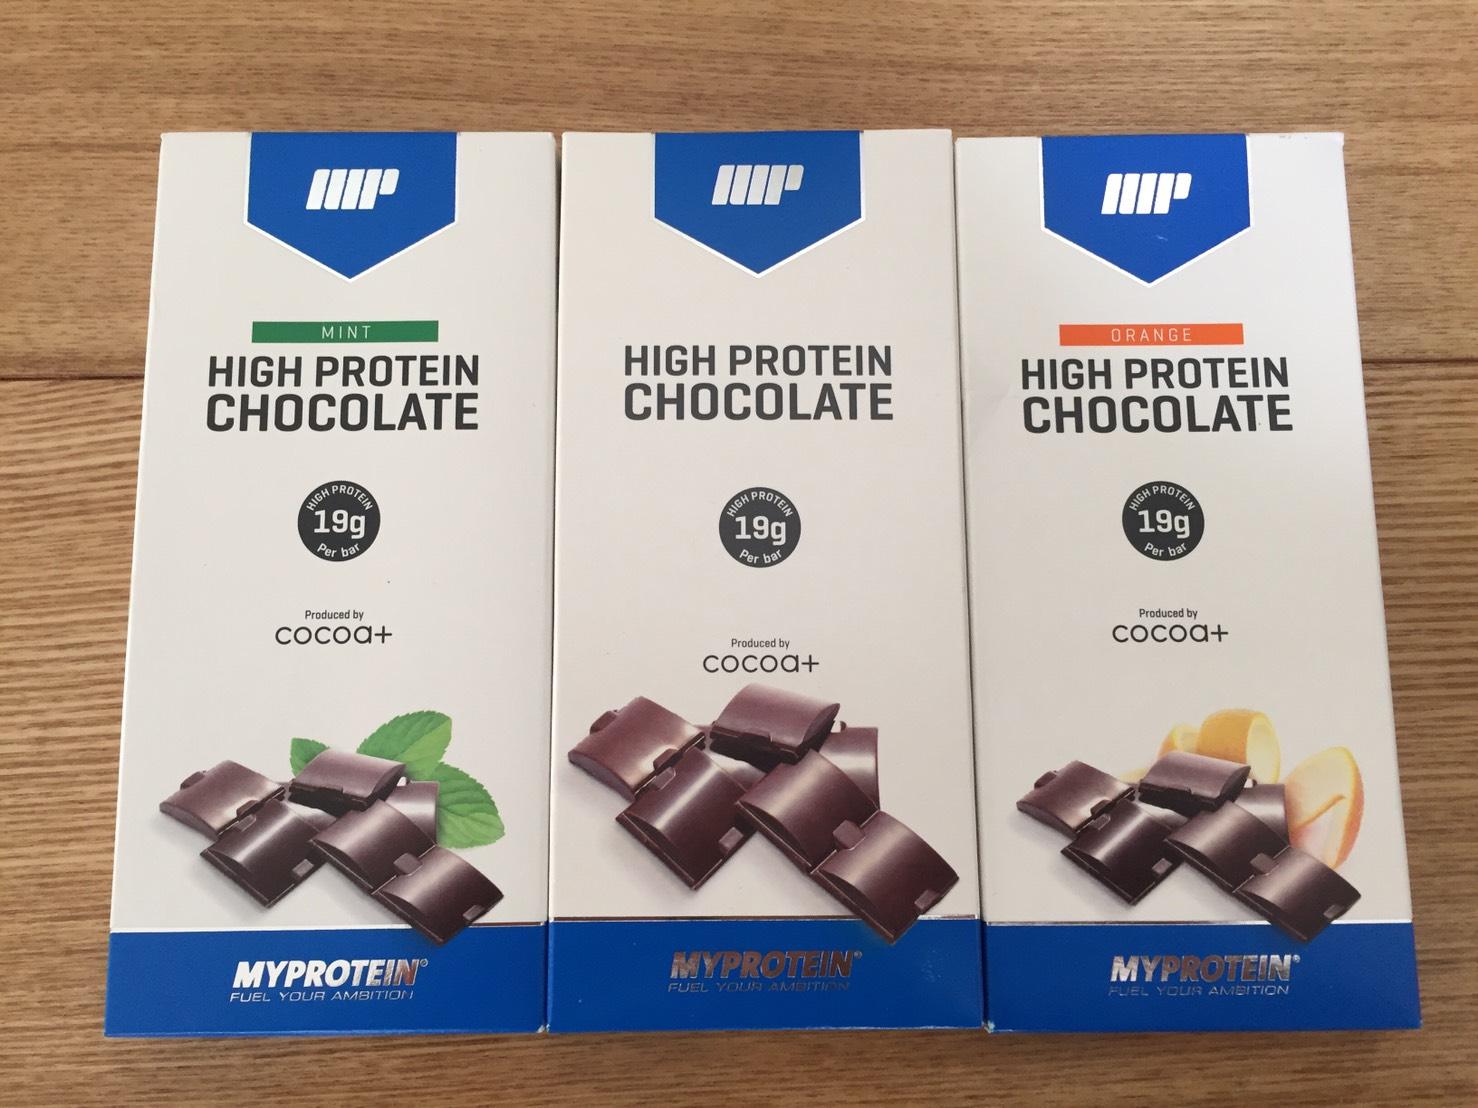 マイプロテインの「ハイプロテインチョコレート」の成分表まとめ。普通のチョコと比べてタンパク質3倍で炭水化物1/2なのは嬉しいが…